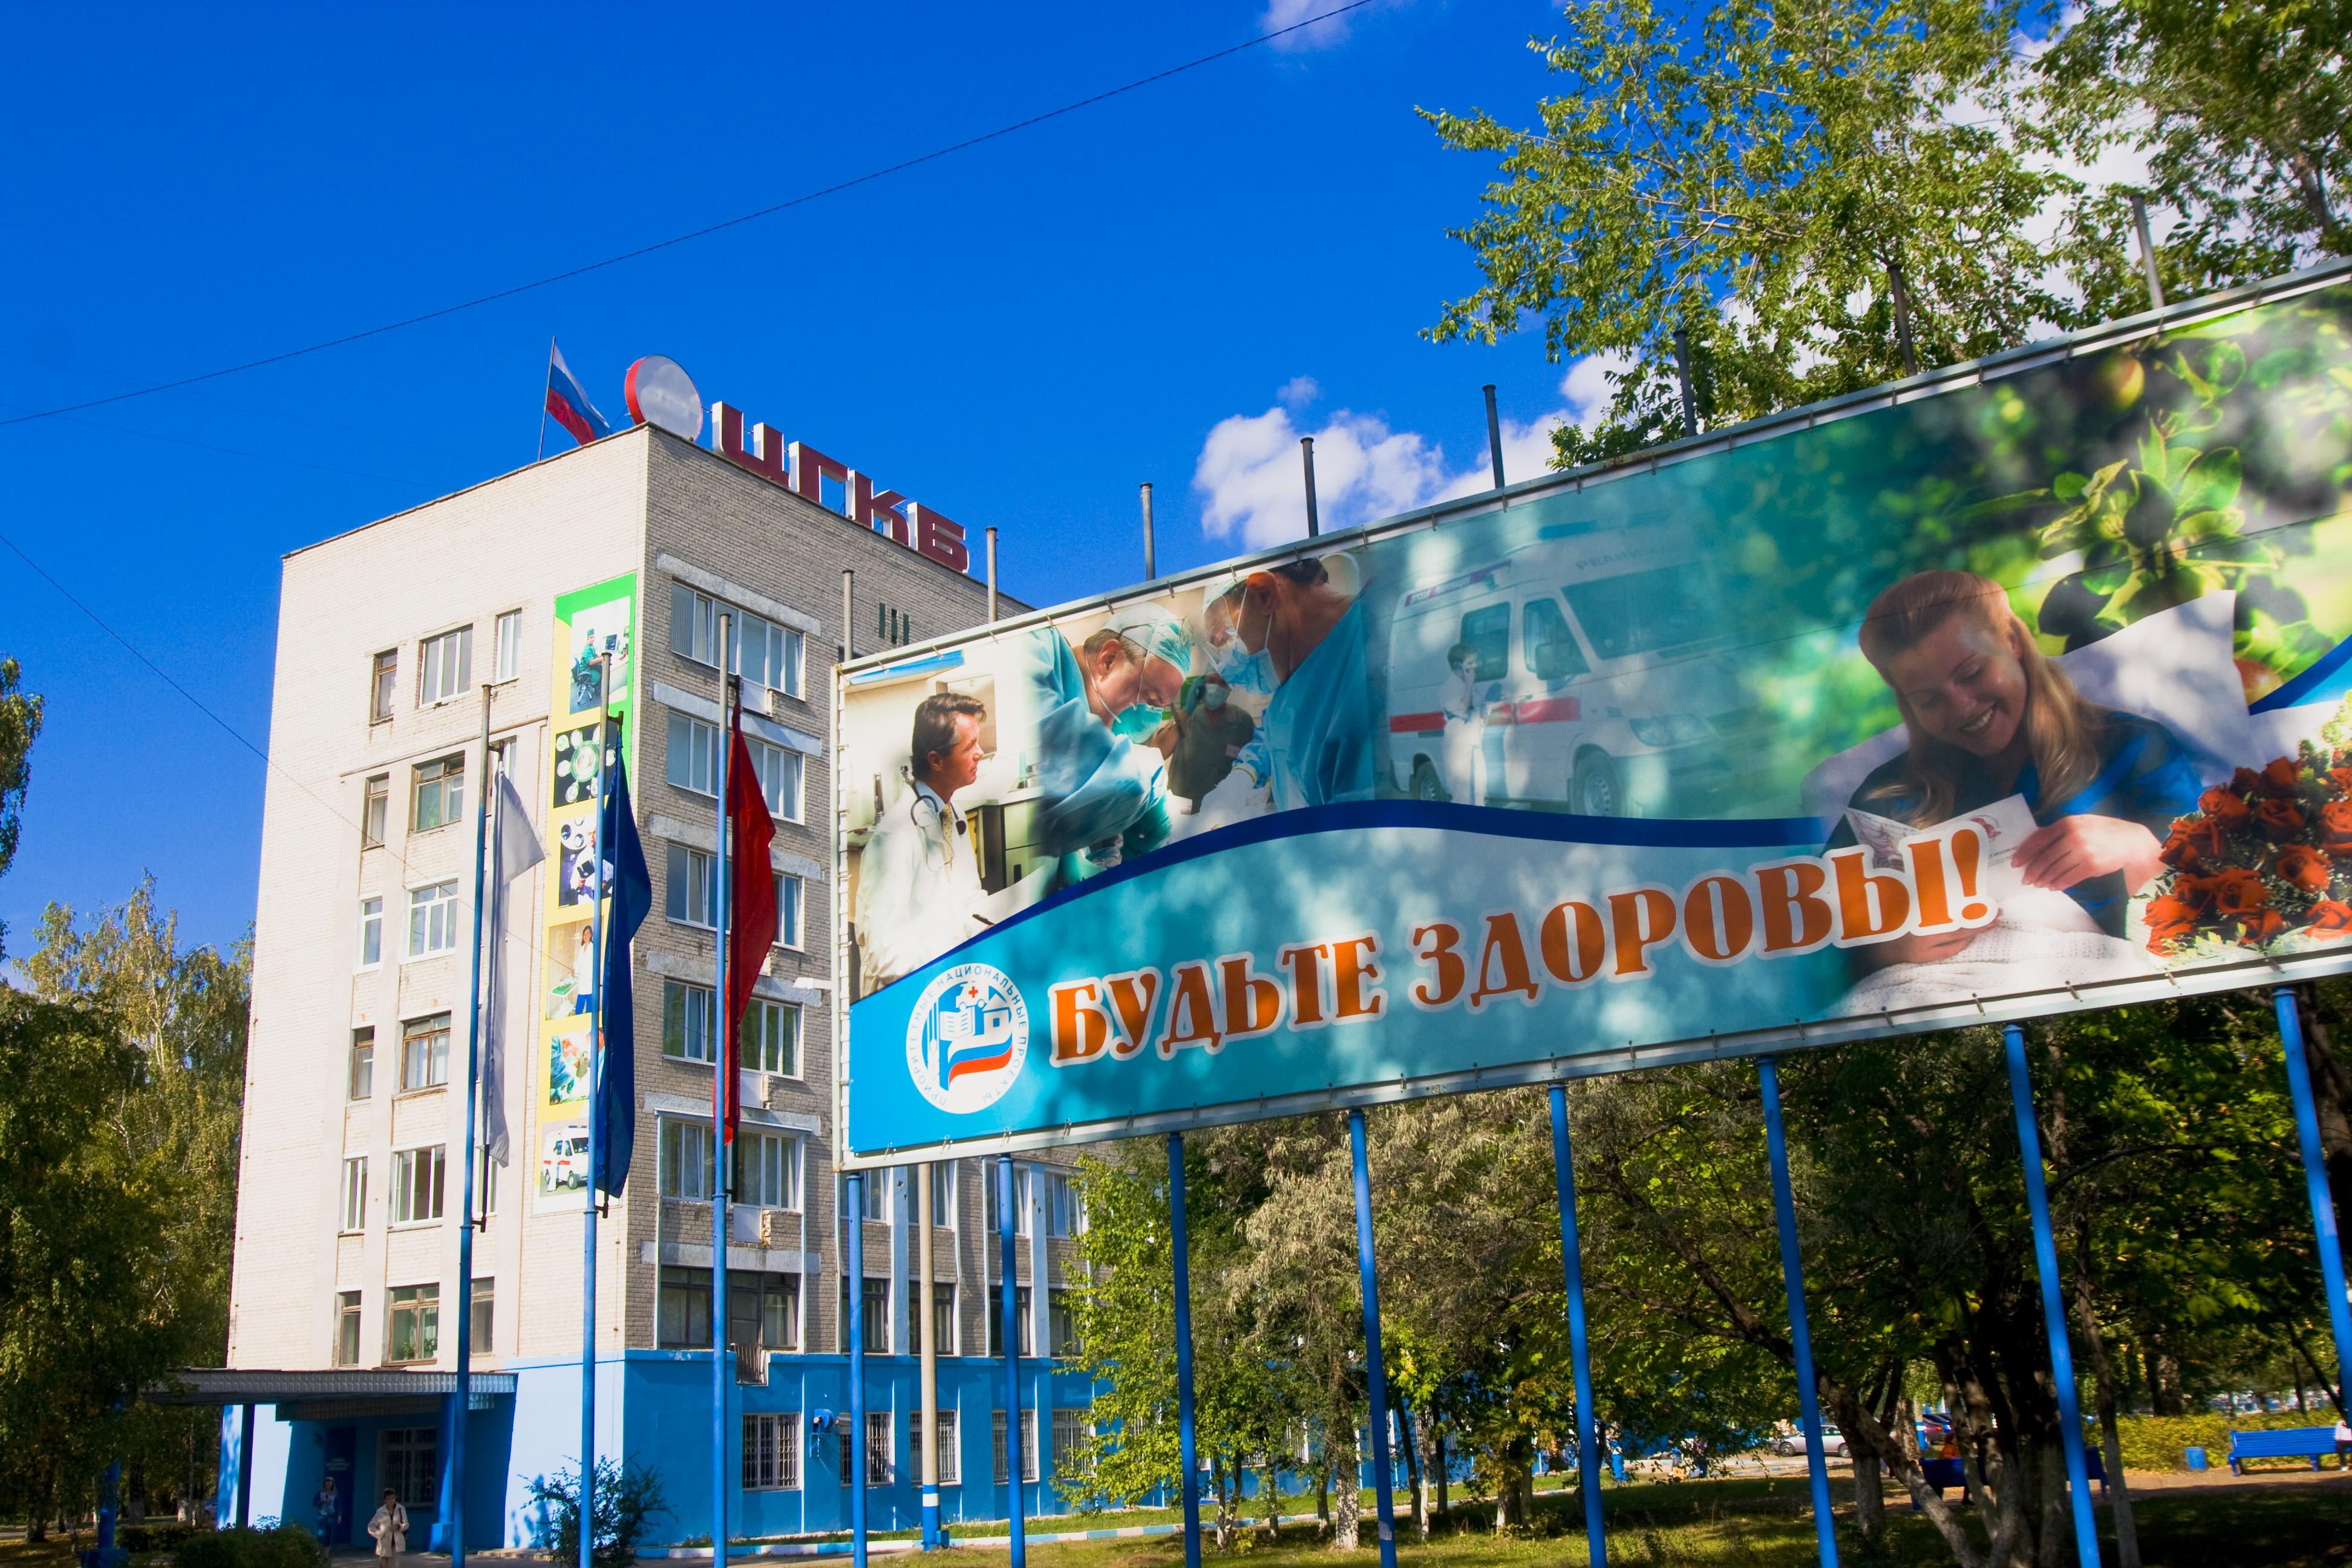 Регистратура 5 поликлиники в севастополе